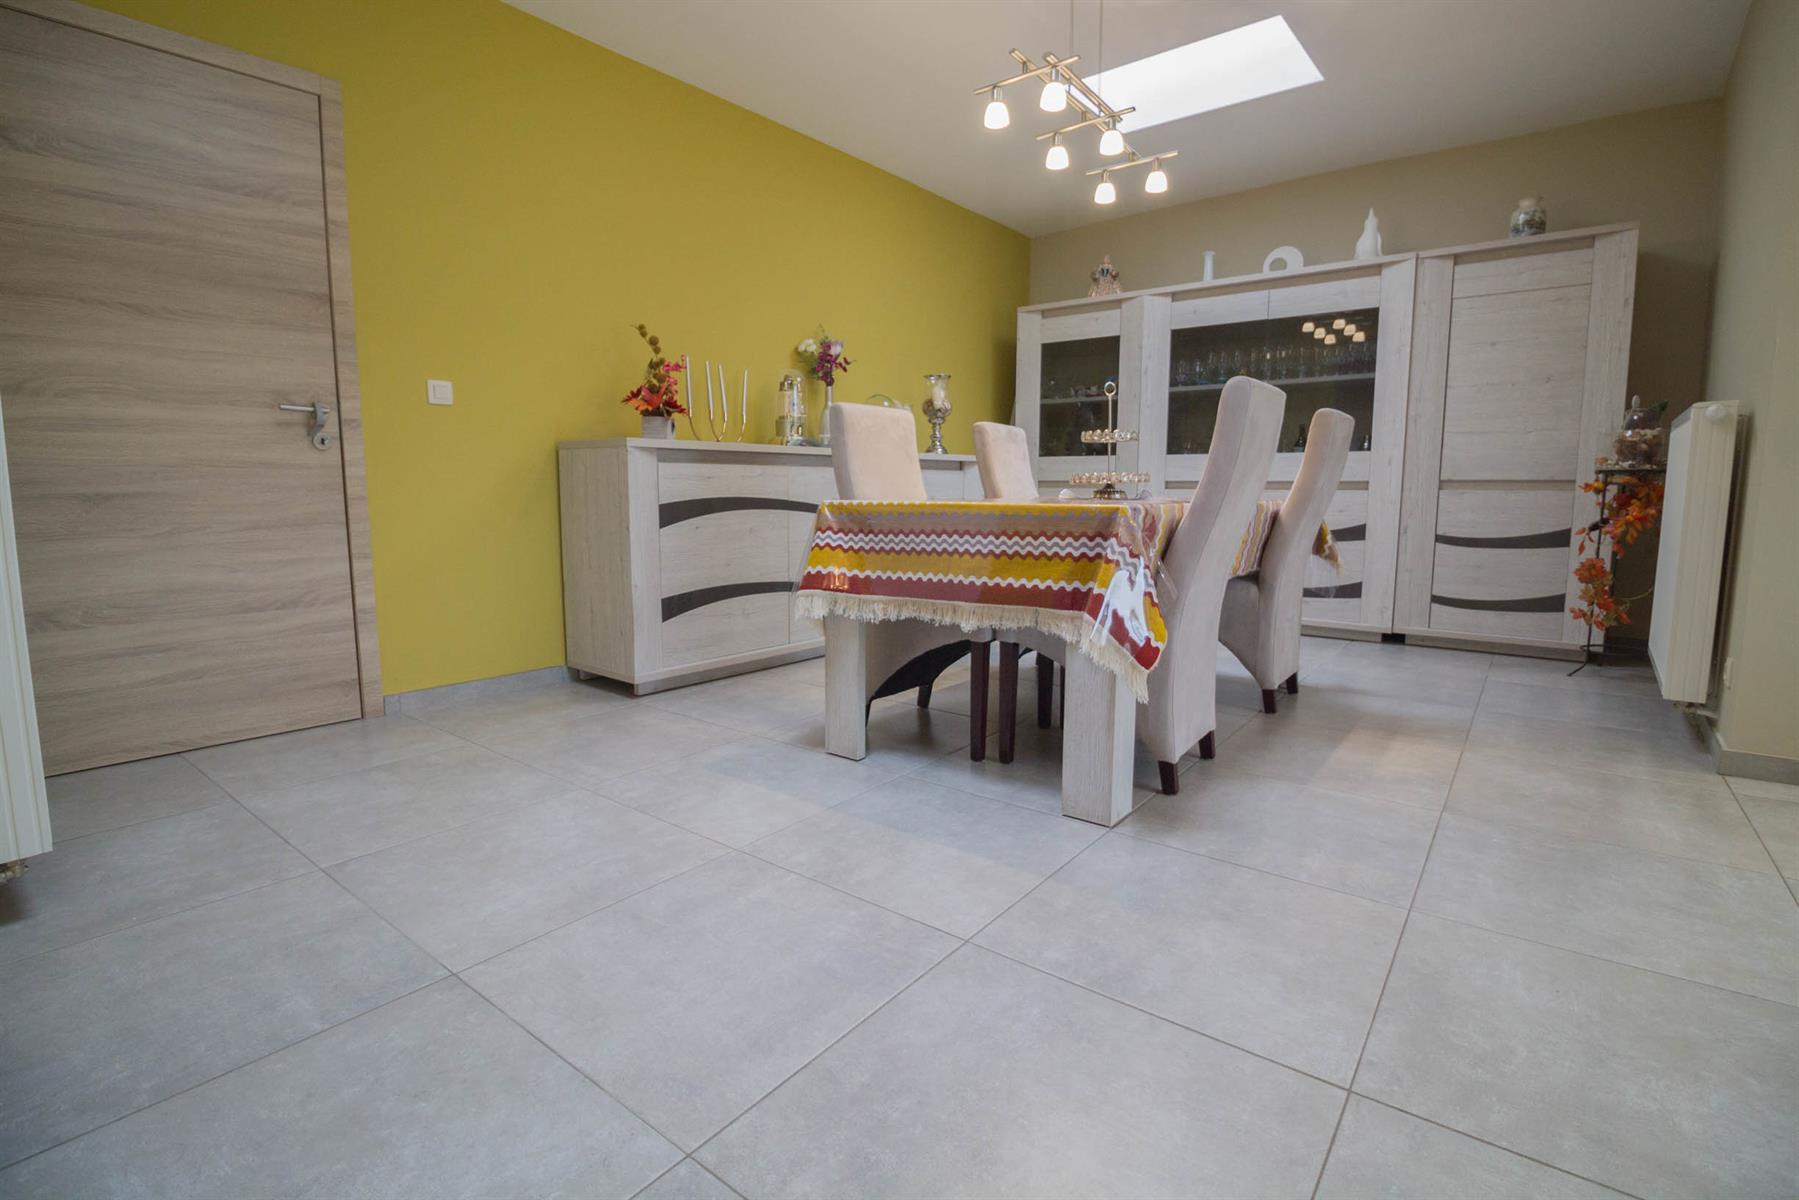 Maison - Courcelles - #4268112-8